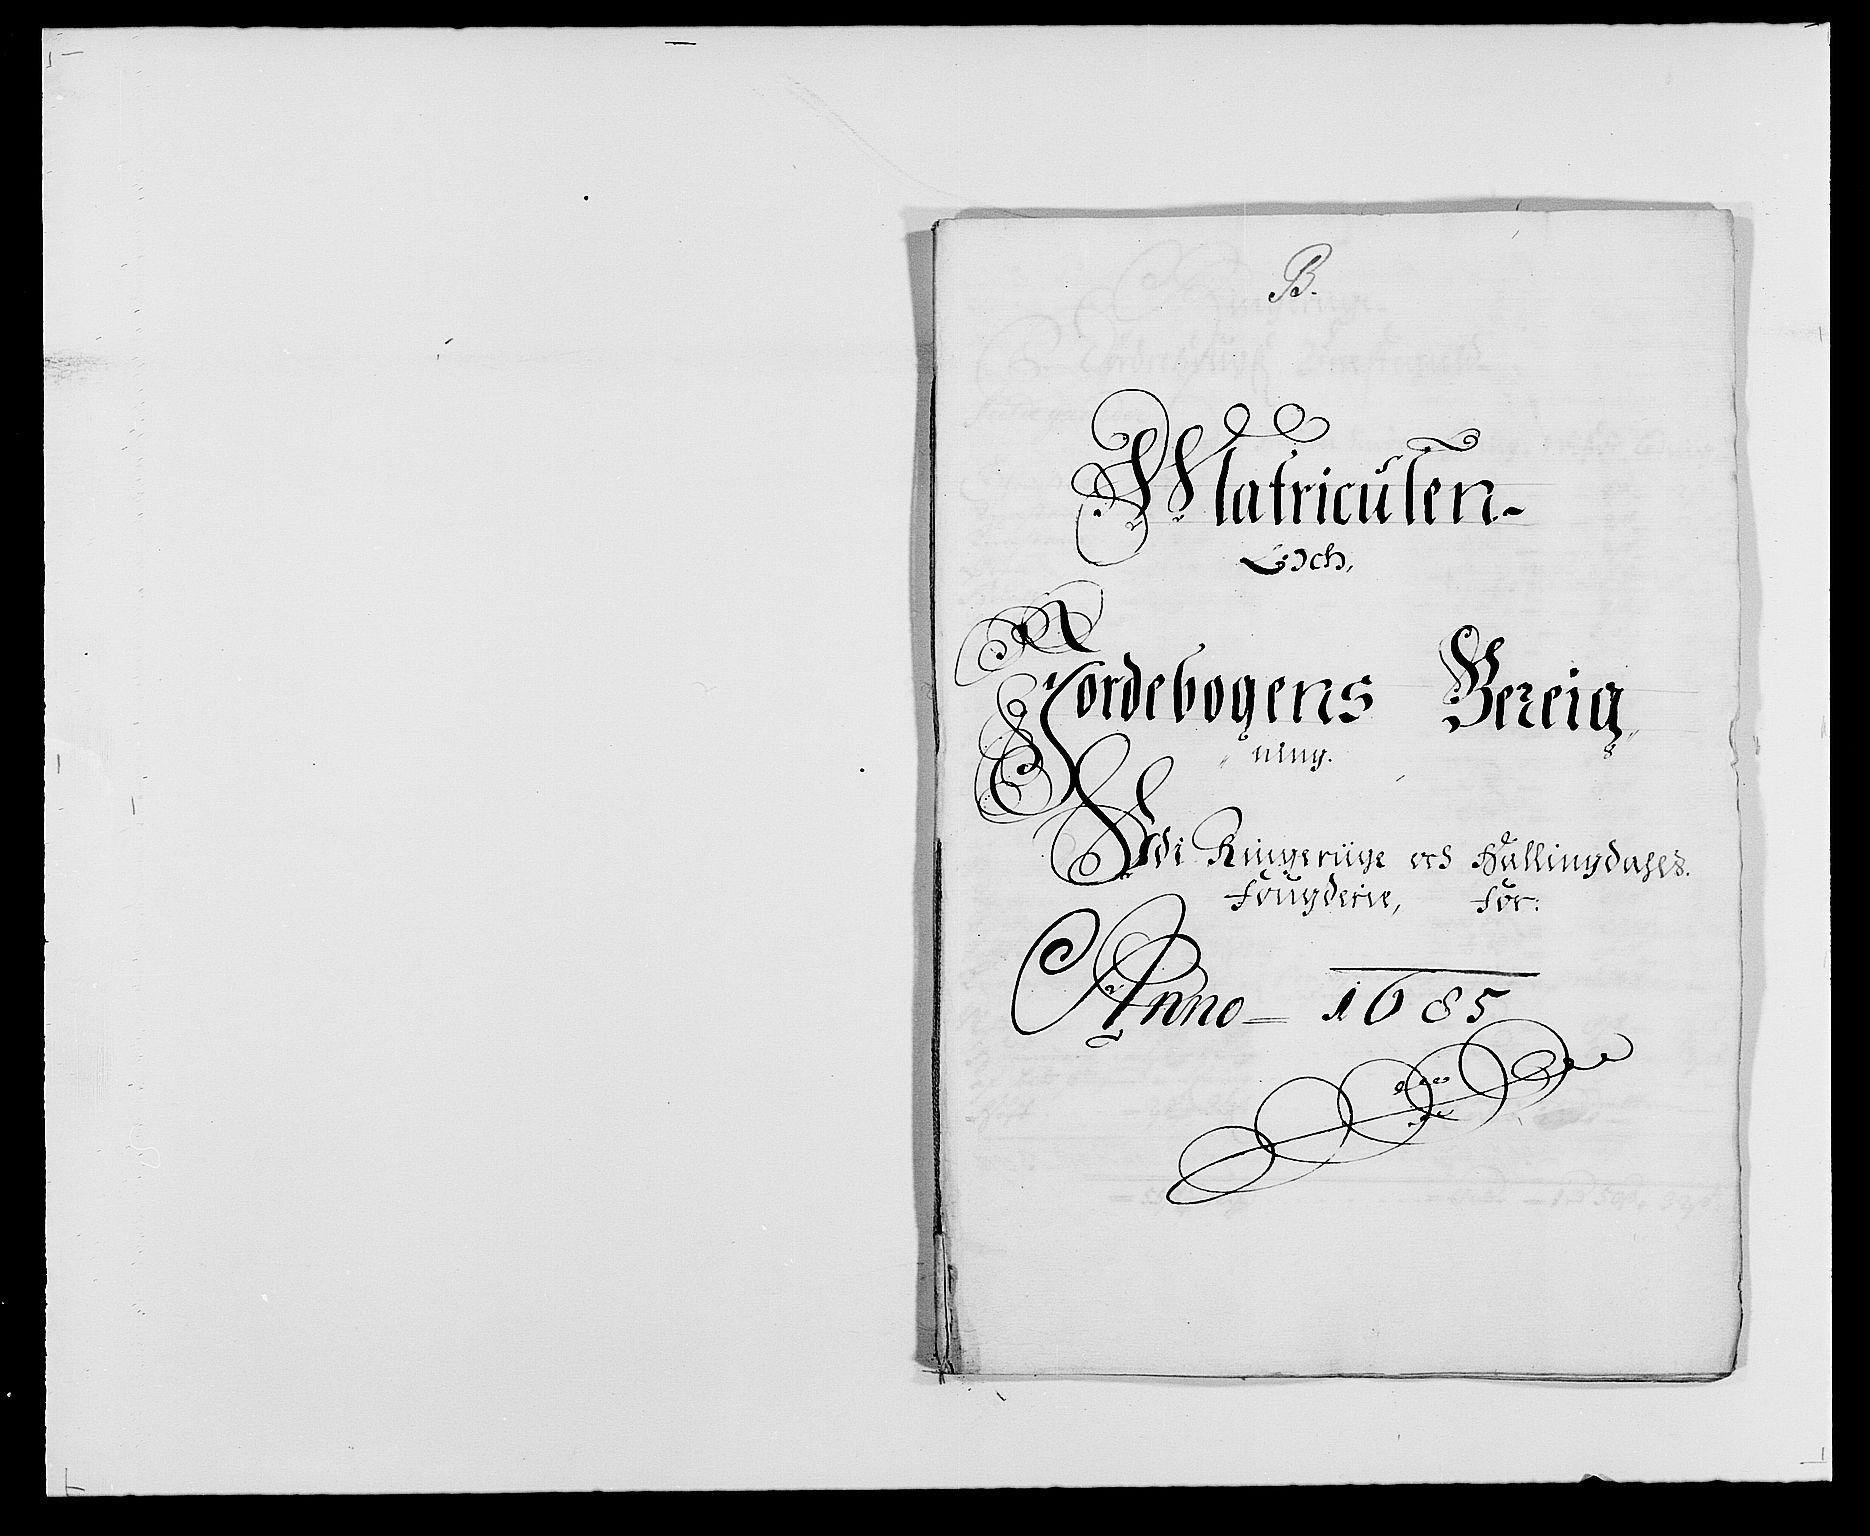 RA, Rentekammeret inntil 1814, Reviderte regnskaper, Fogderegnskap, R21/L1446: Fogderegnskap Ringerike og Hallingdal, 1683-1686, s. 295